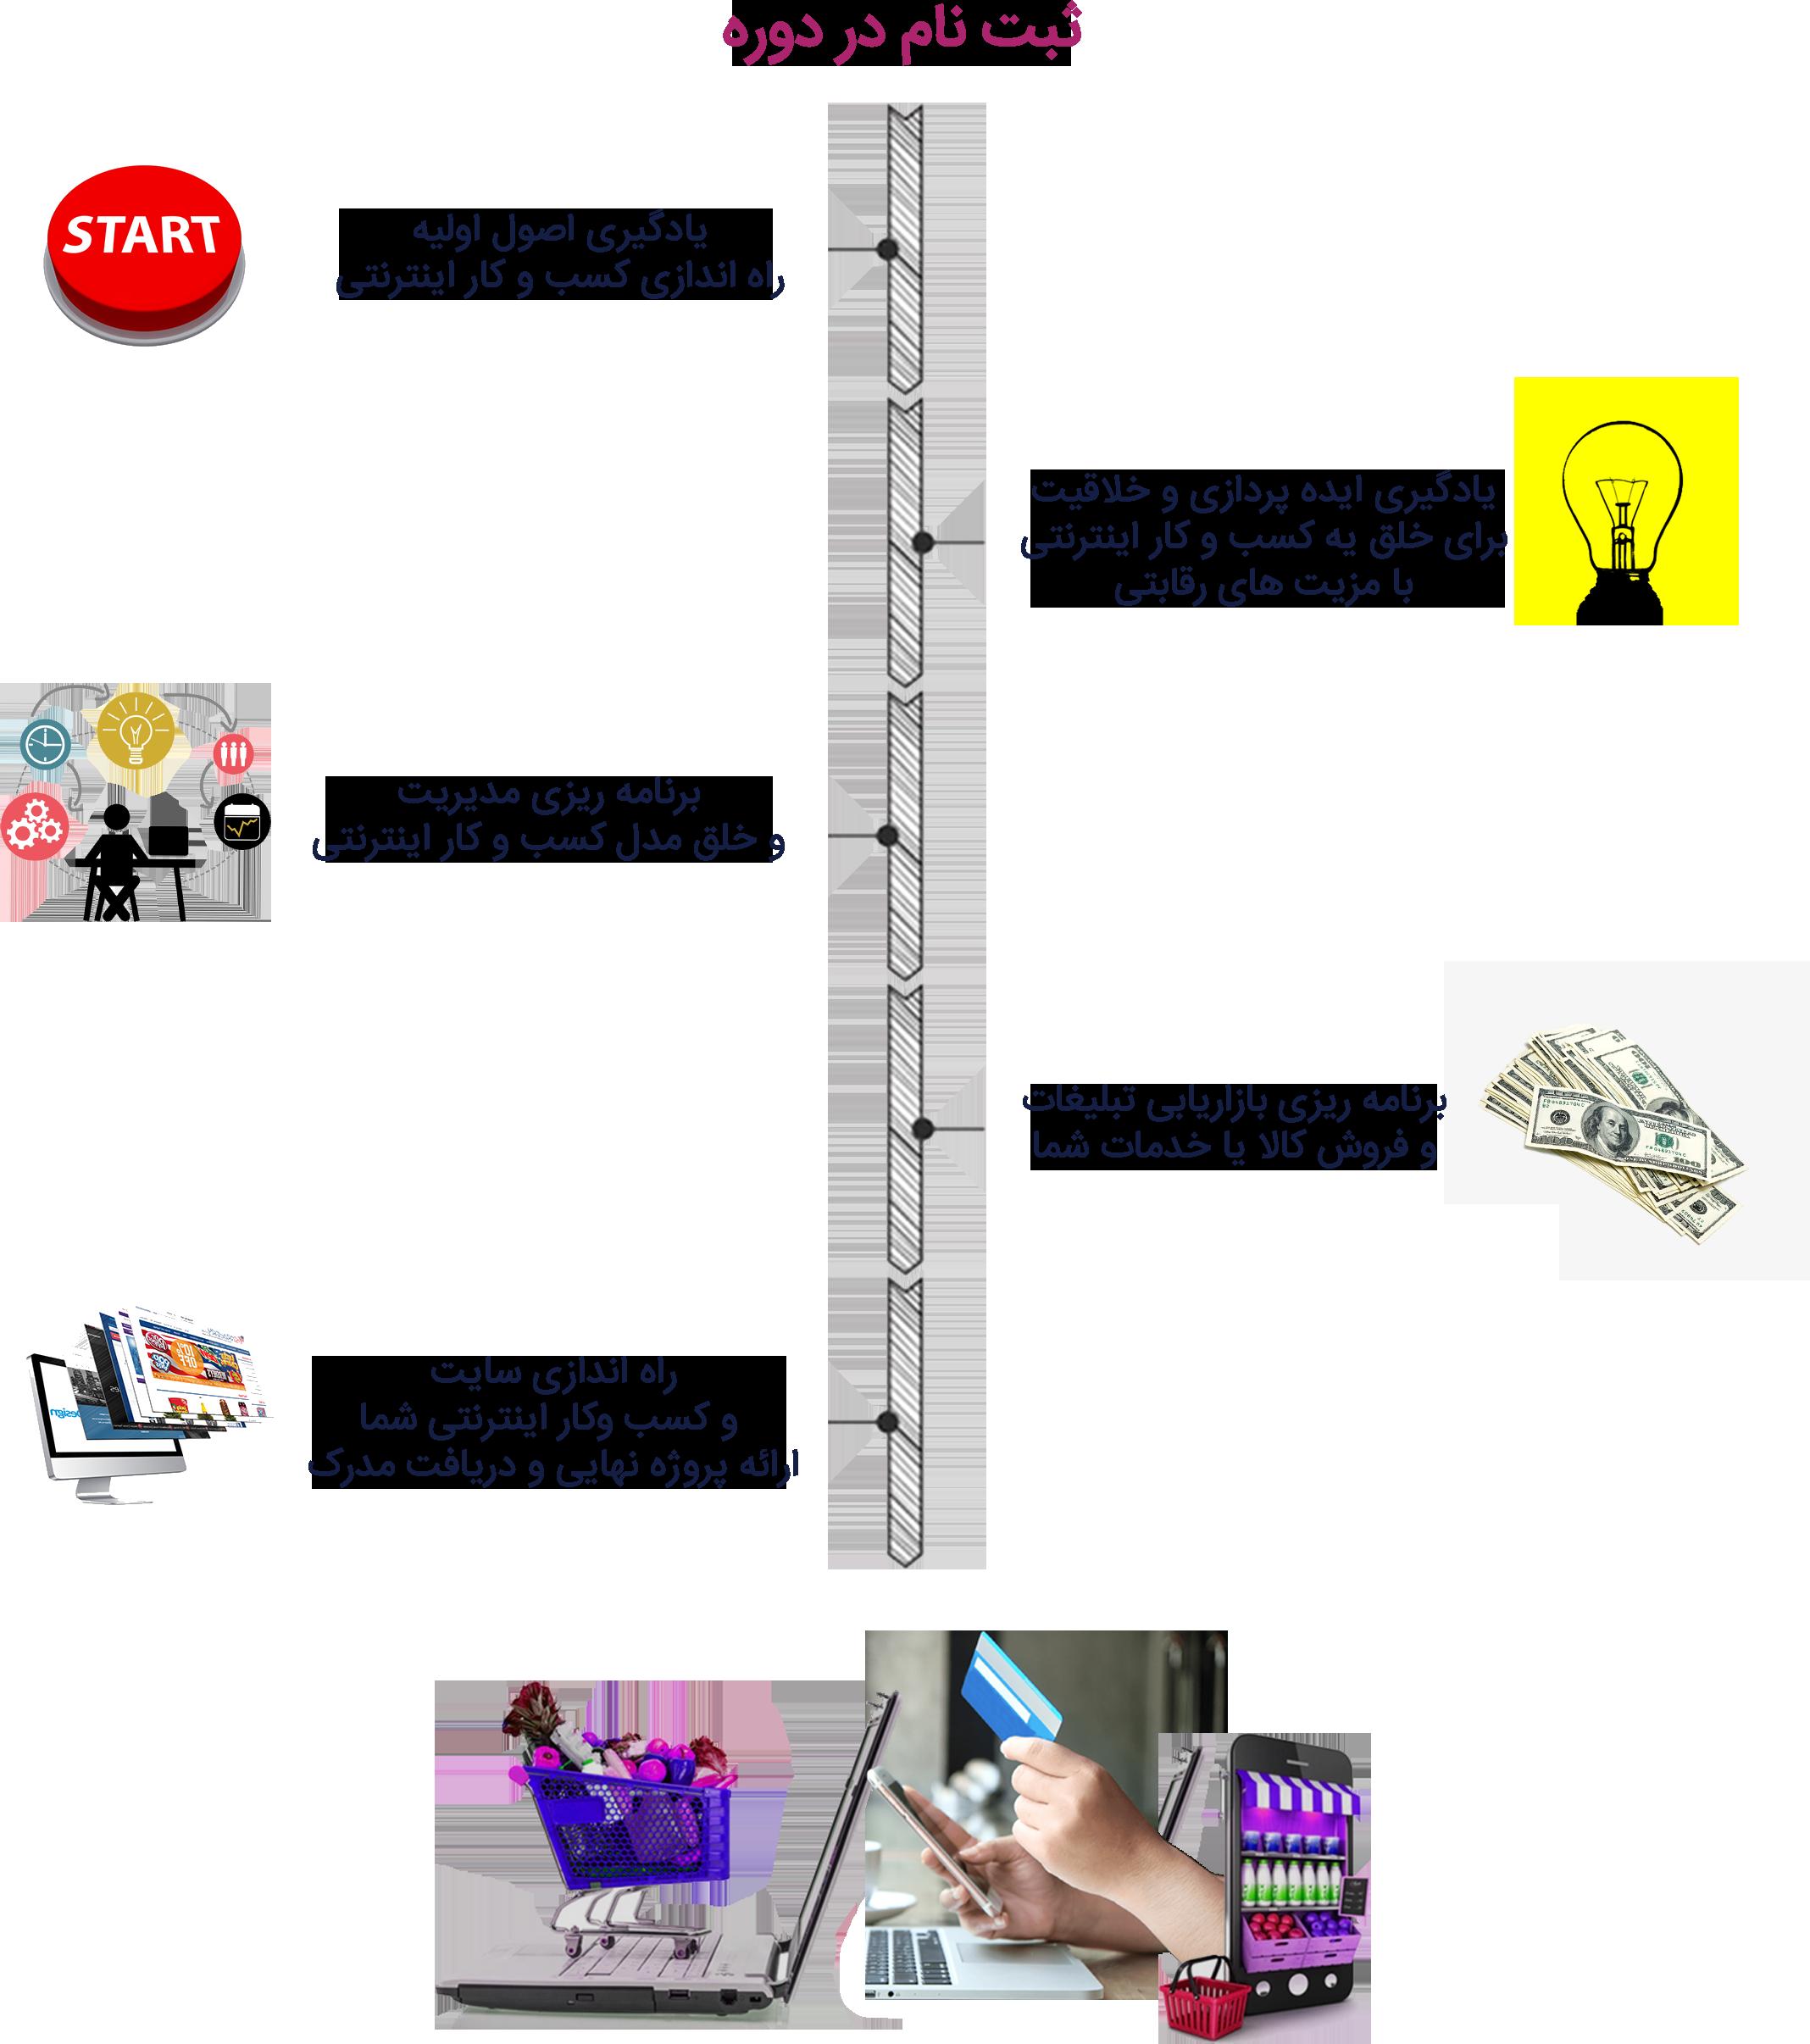 نقشه راه دوره راه اندازی کسب و کار اینترنتی